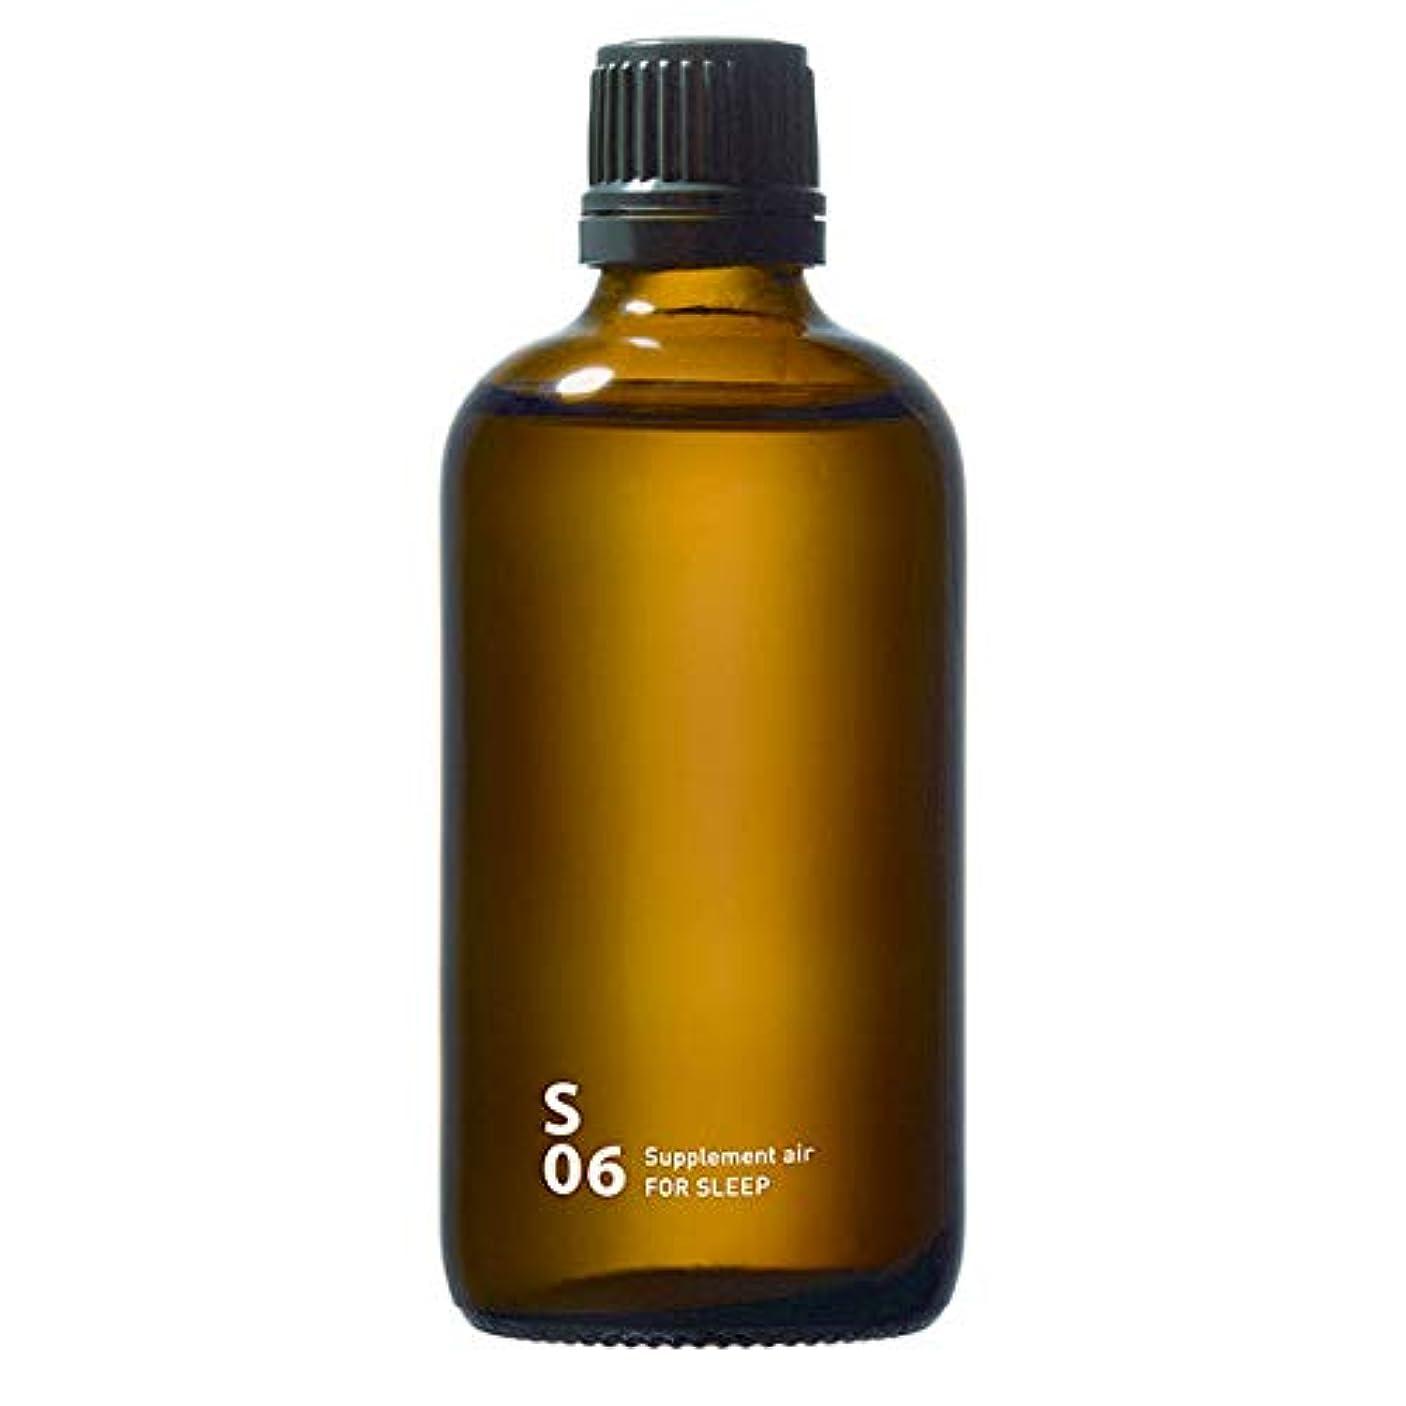 背景スペクトラム美容師S06 FOR SLEEP piezo aroma oil 100ml